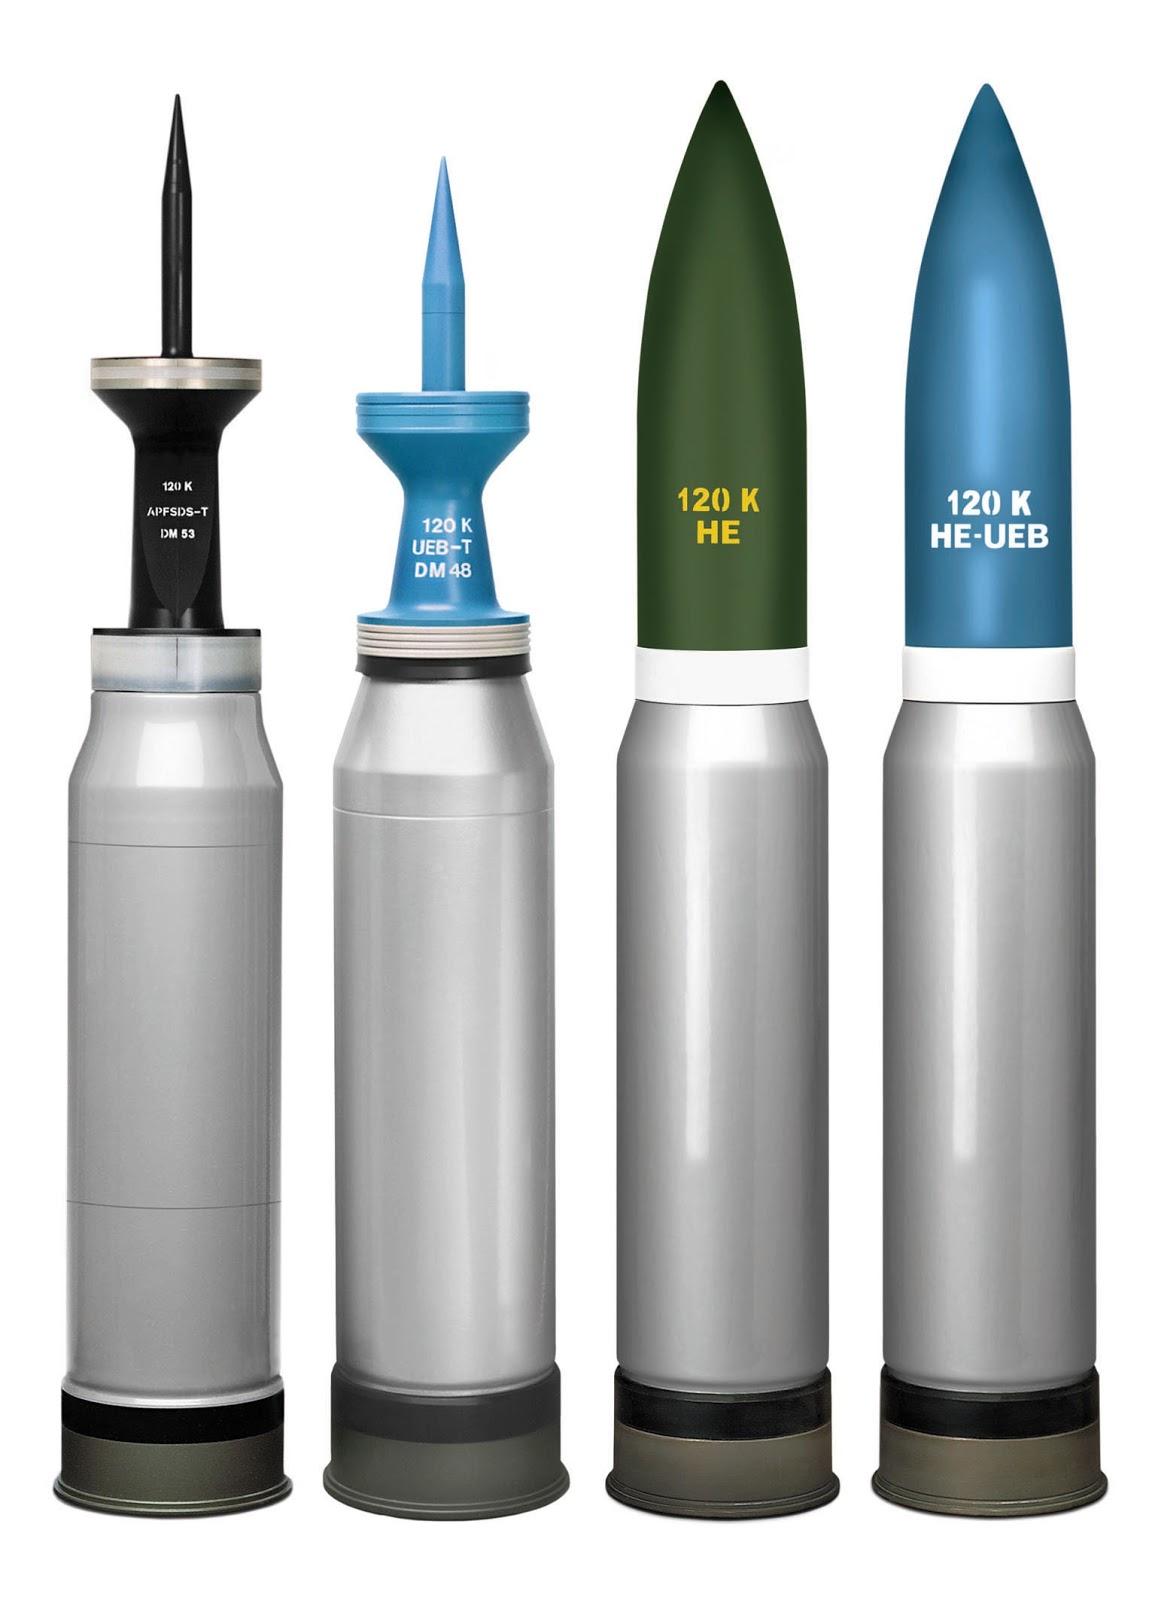 Amunisi kaliber 120 mm.